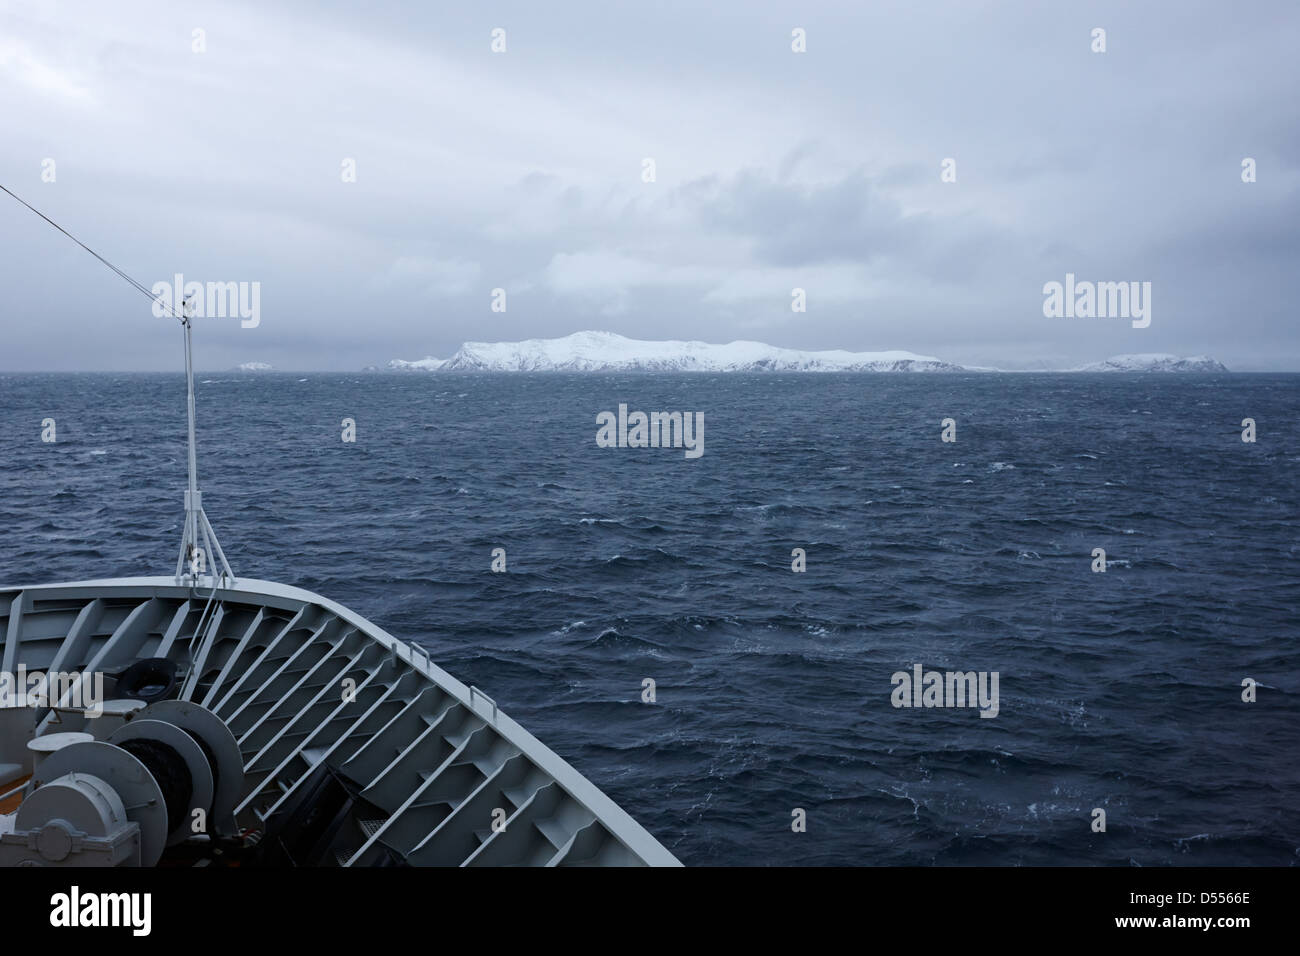 on board hurtigruten passenger ship sailing through fjords during winter norway europe - Stock Image